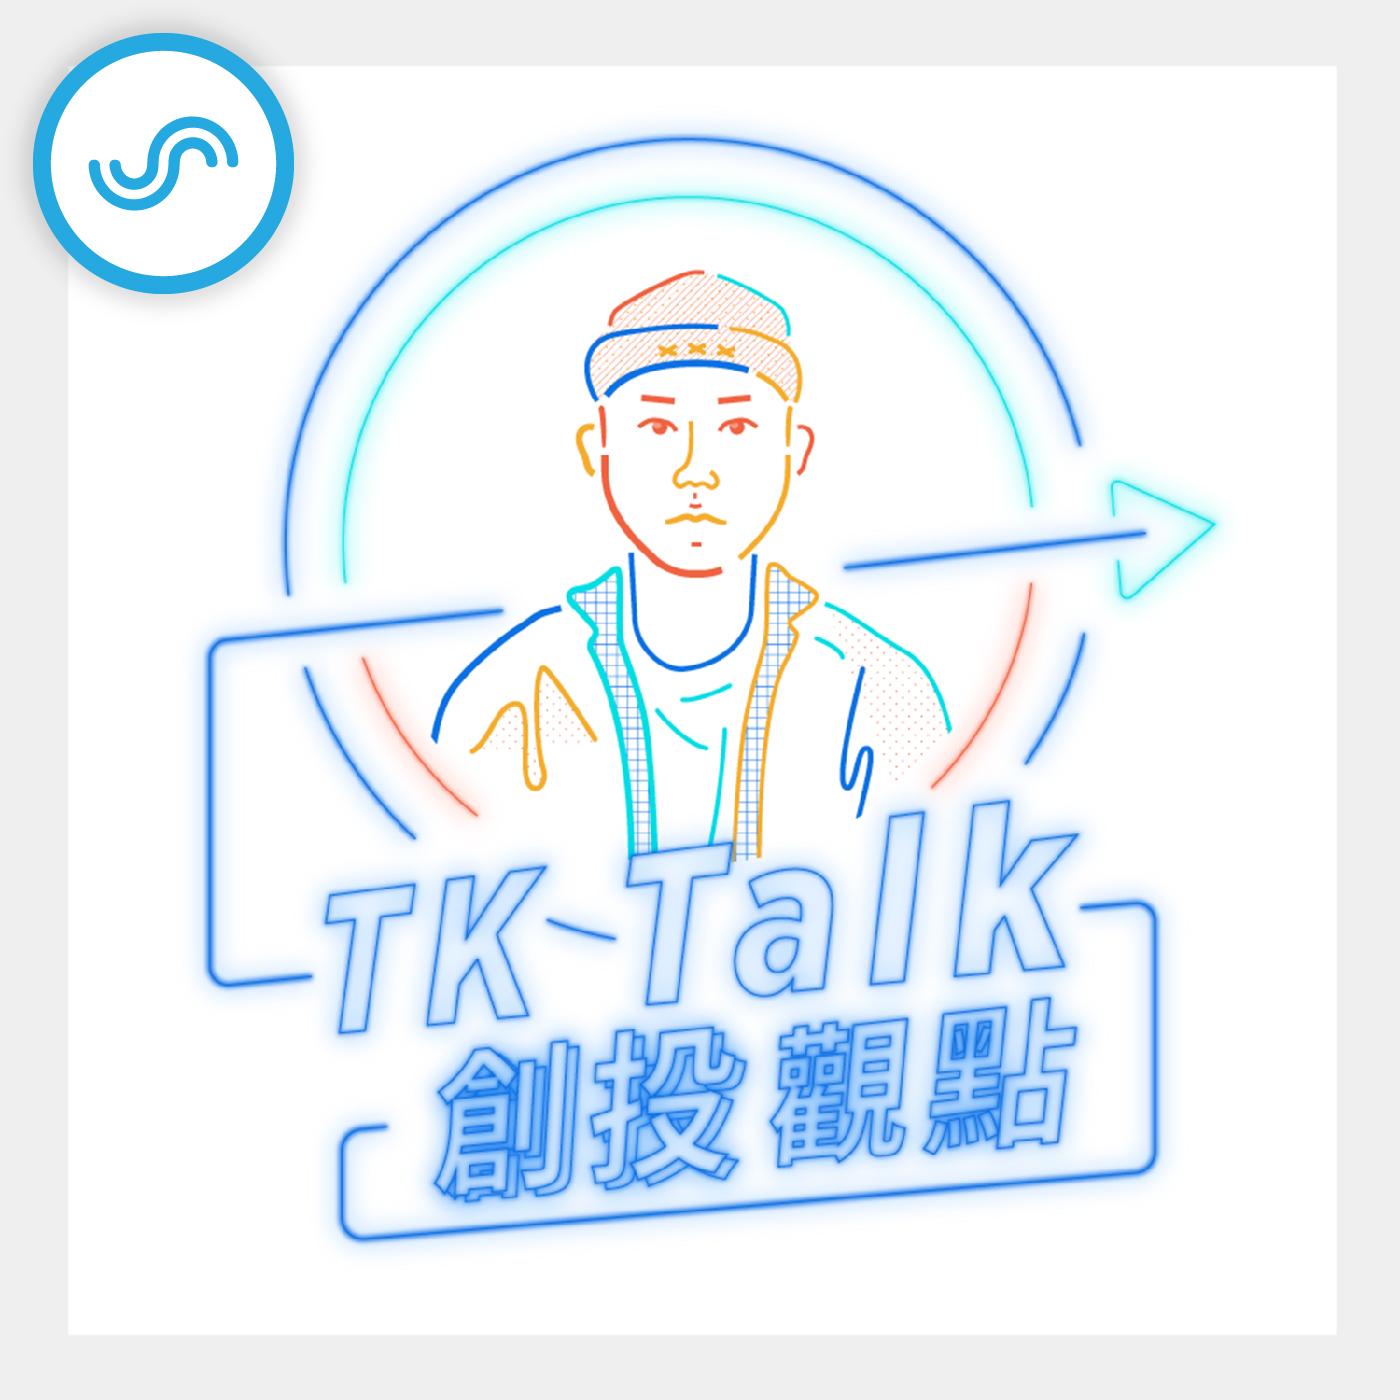 TK創投觀點.jpg